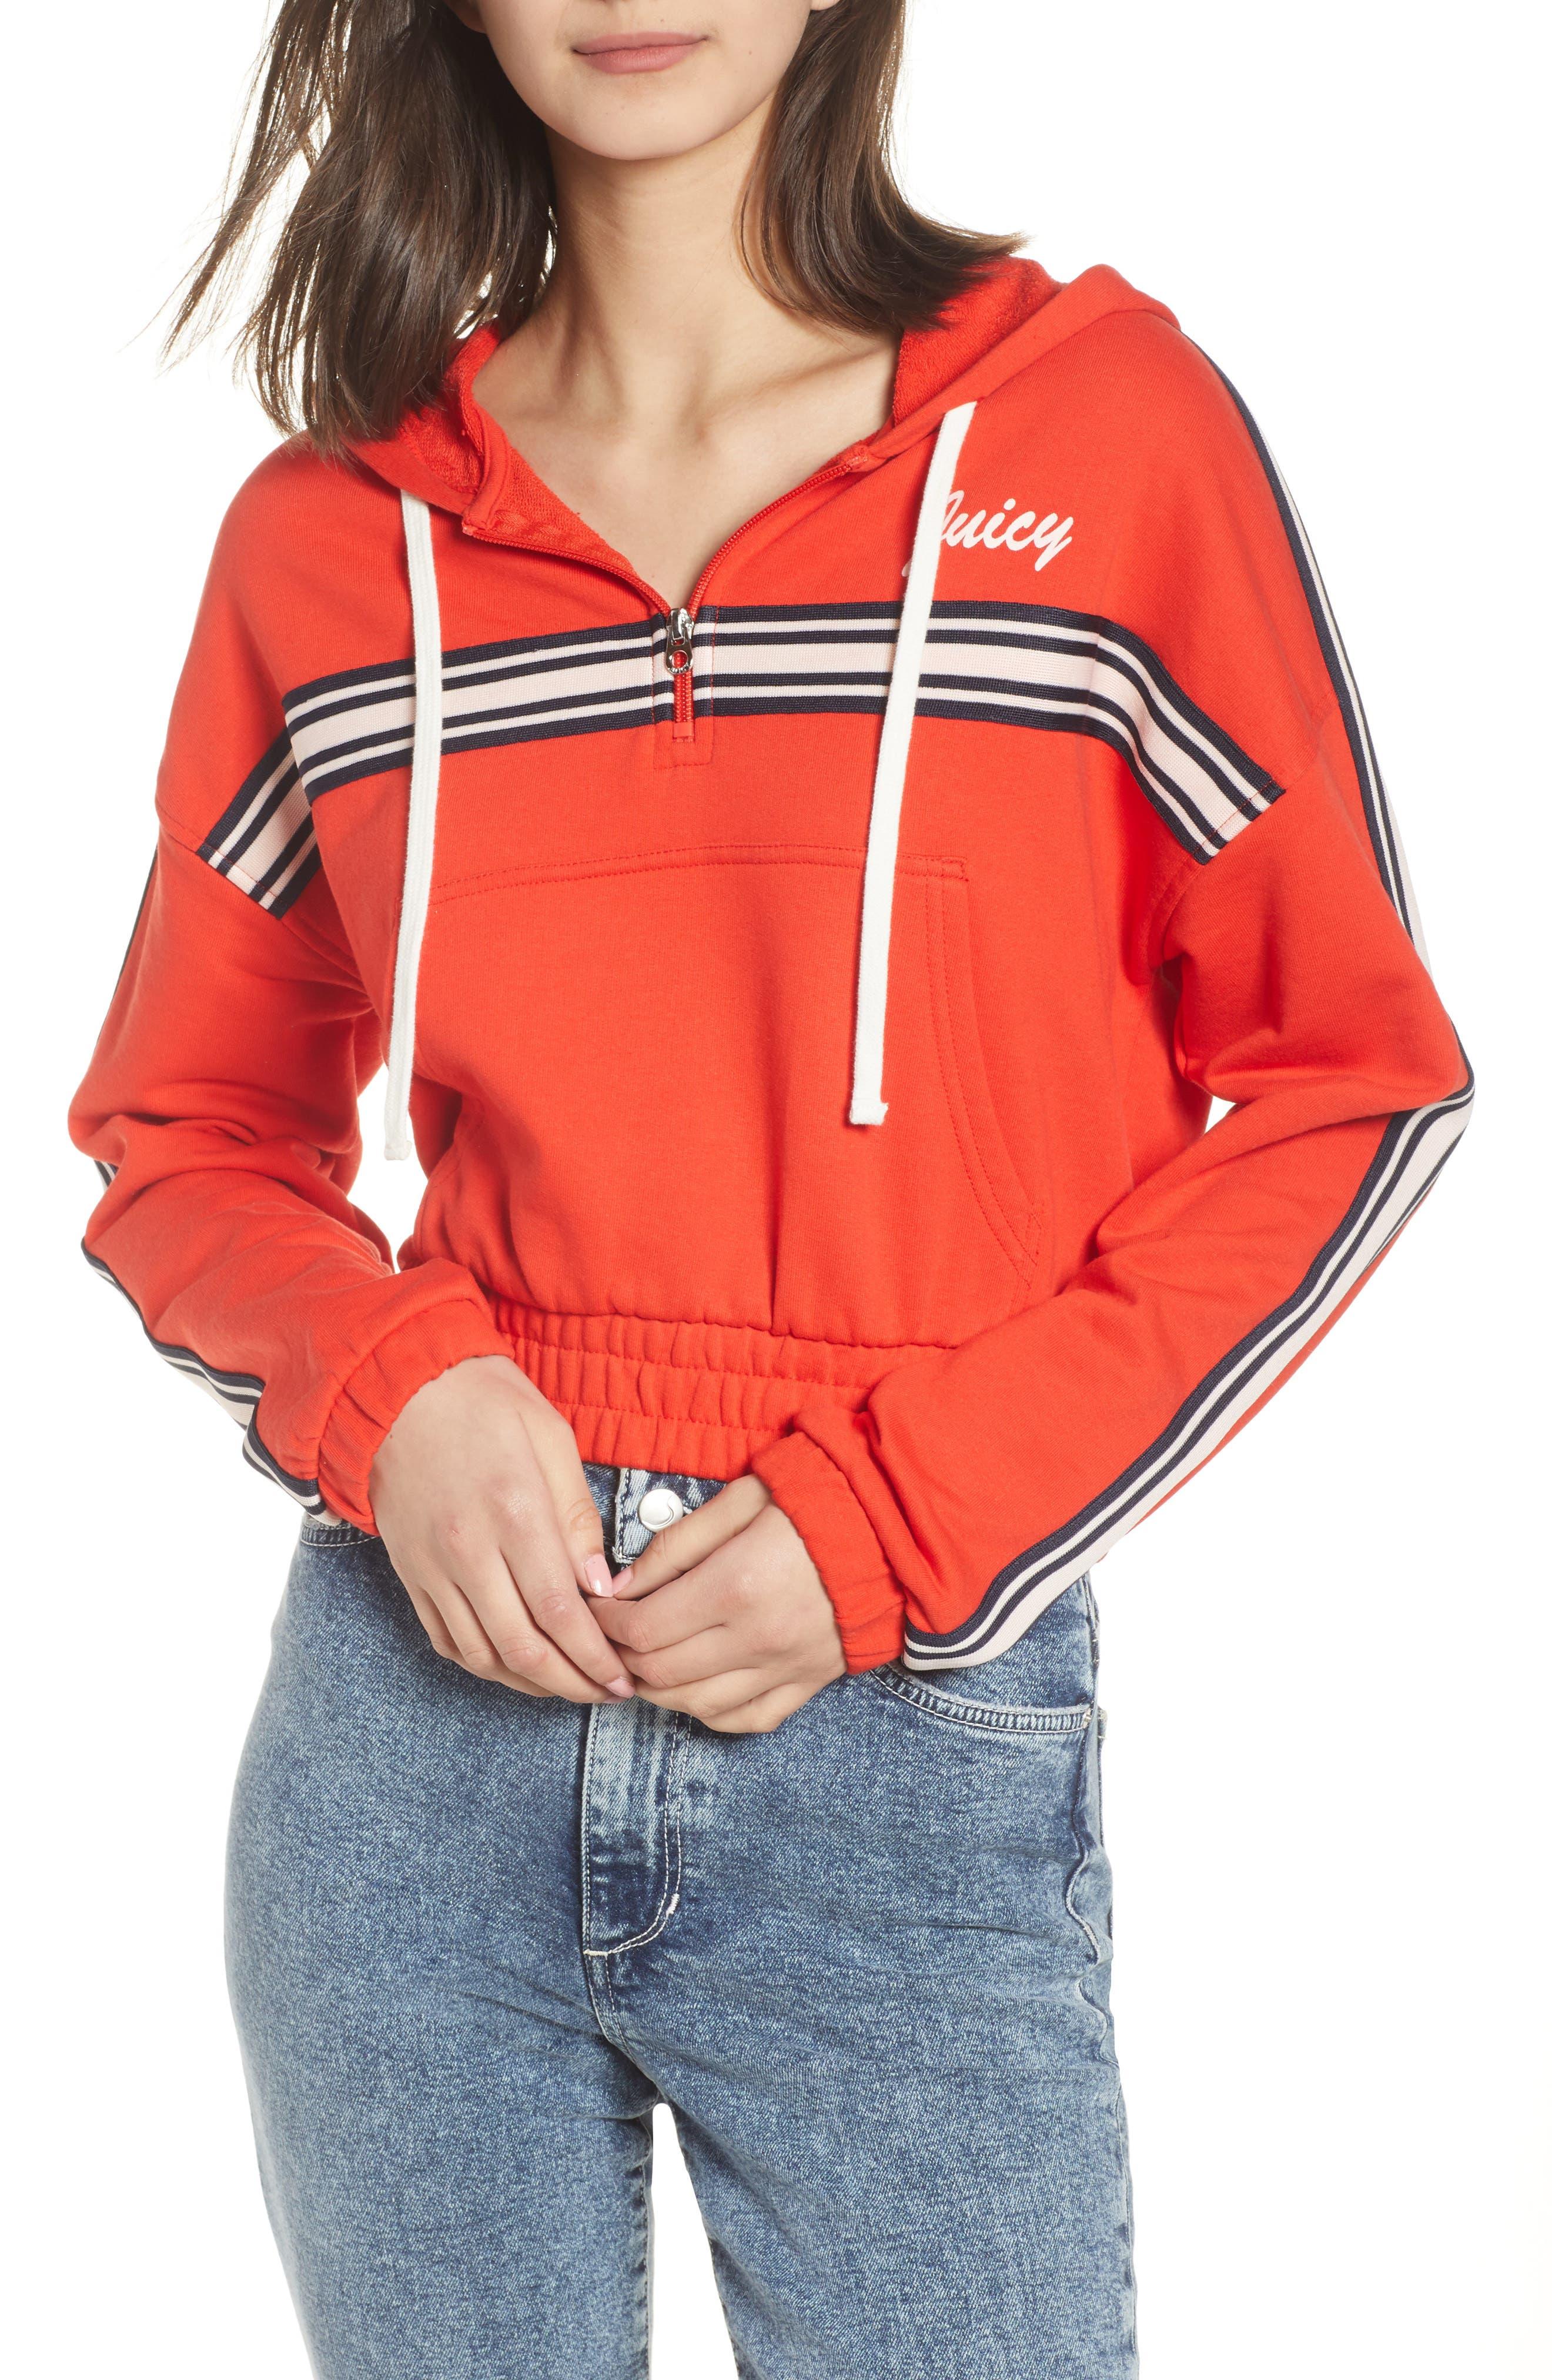 Juicy Couture Stripe Half Zip Hoodie